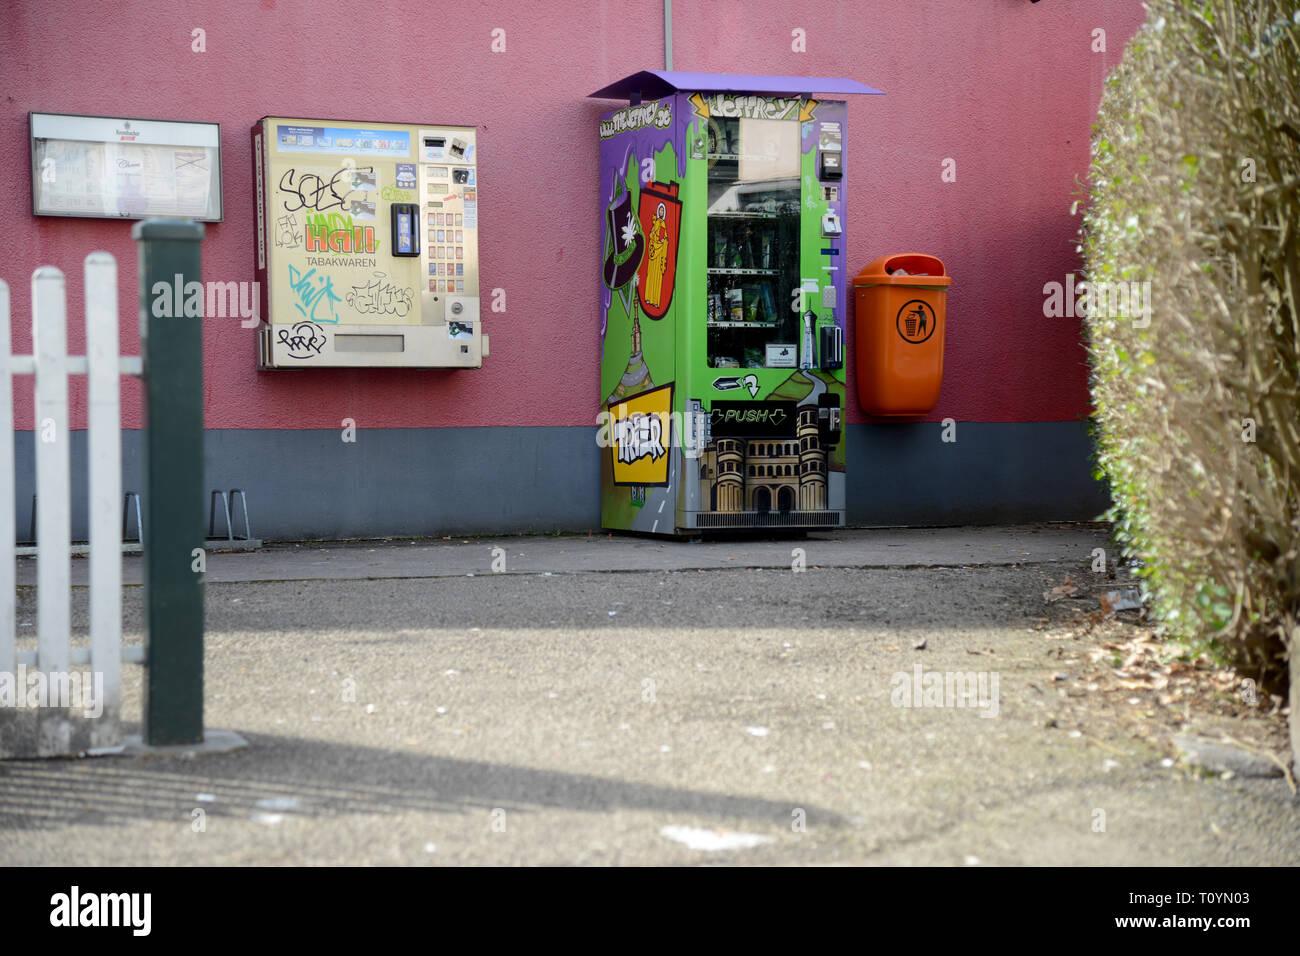 Trier, Allemagne. Mar 21, 2019. Un distributeur automatique de cannabis (r), qui contient des fleurs de cannabis séchées et pressées dans les sachets et extraire les perles dans des boîtes de plastique plus toutes sortes d'accessoires fumeurs à la vente, est situé sur la rue à côté d'un distributeur automatique de tabac. Ce sont des produits du chanvre avec la substance active CBD (cannabidiol), qui est considérée comme difficilement substances psychoactives. Credit: Harald Tittel/dpa/Alamy Live News Banque D'Images